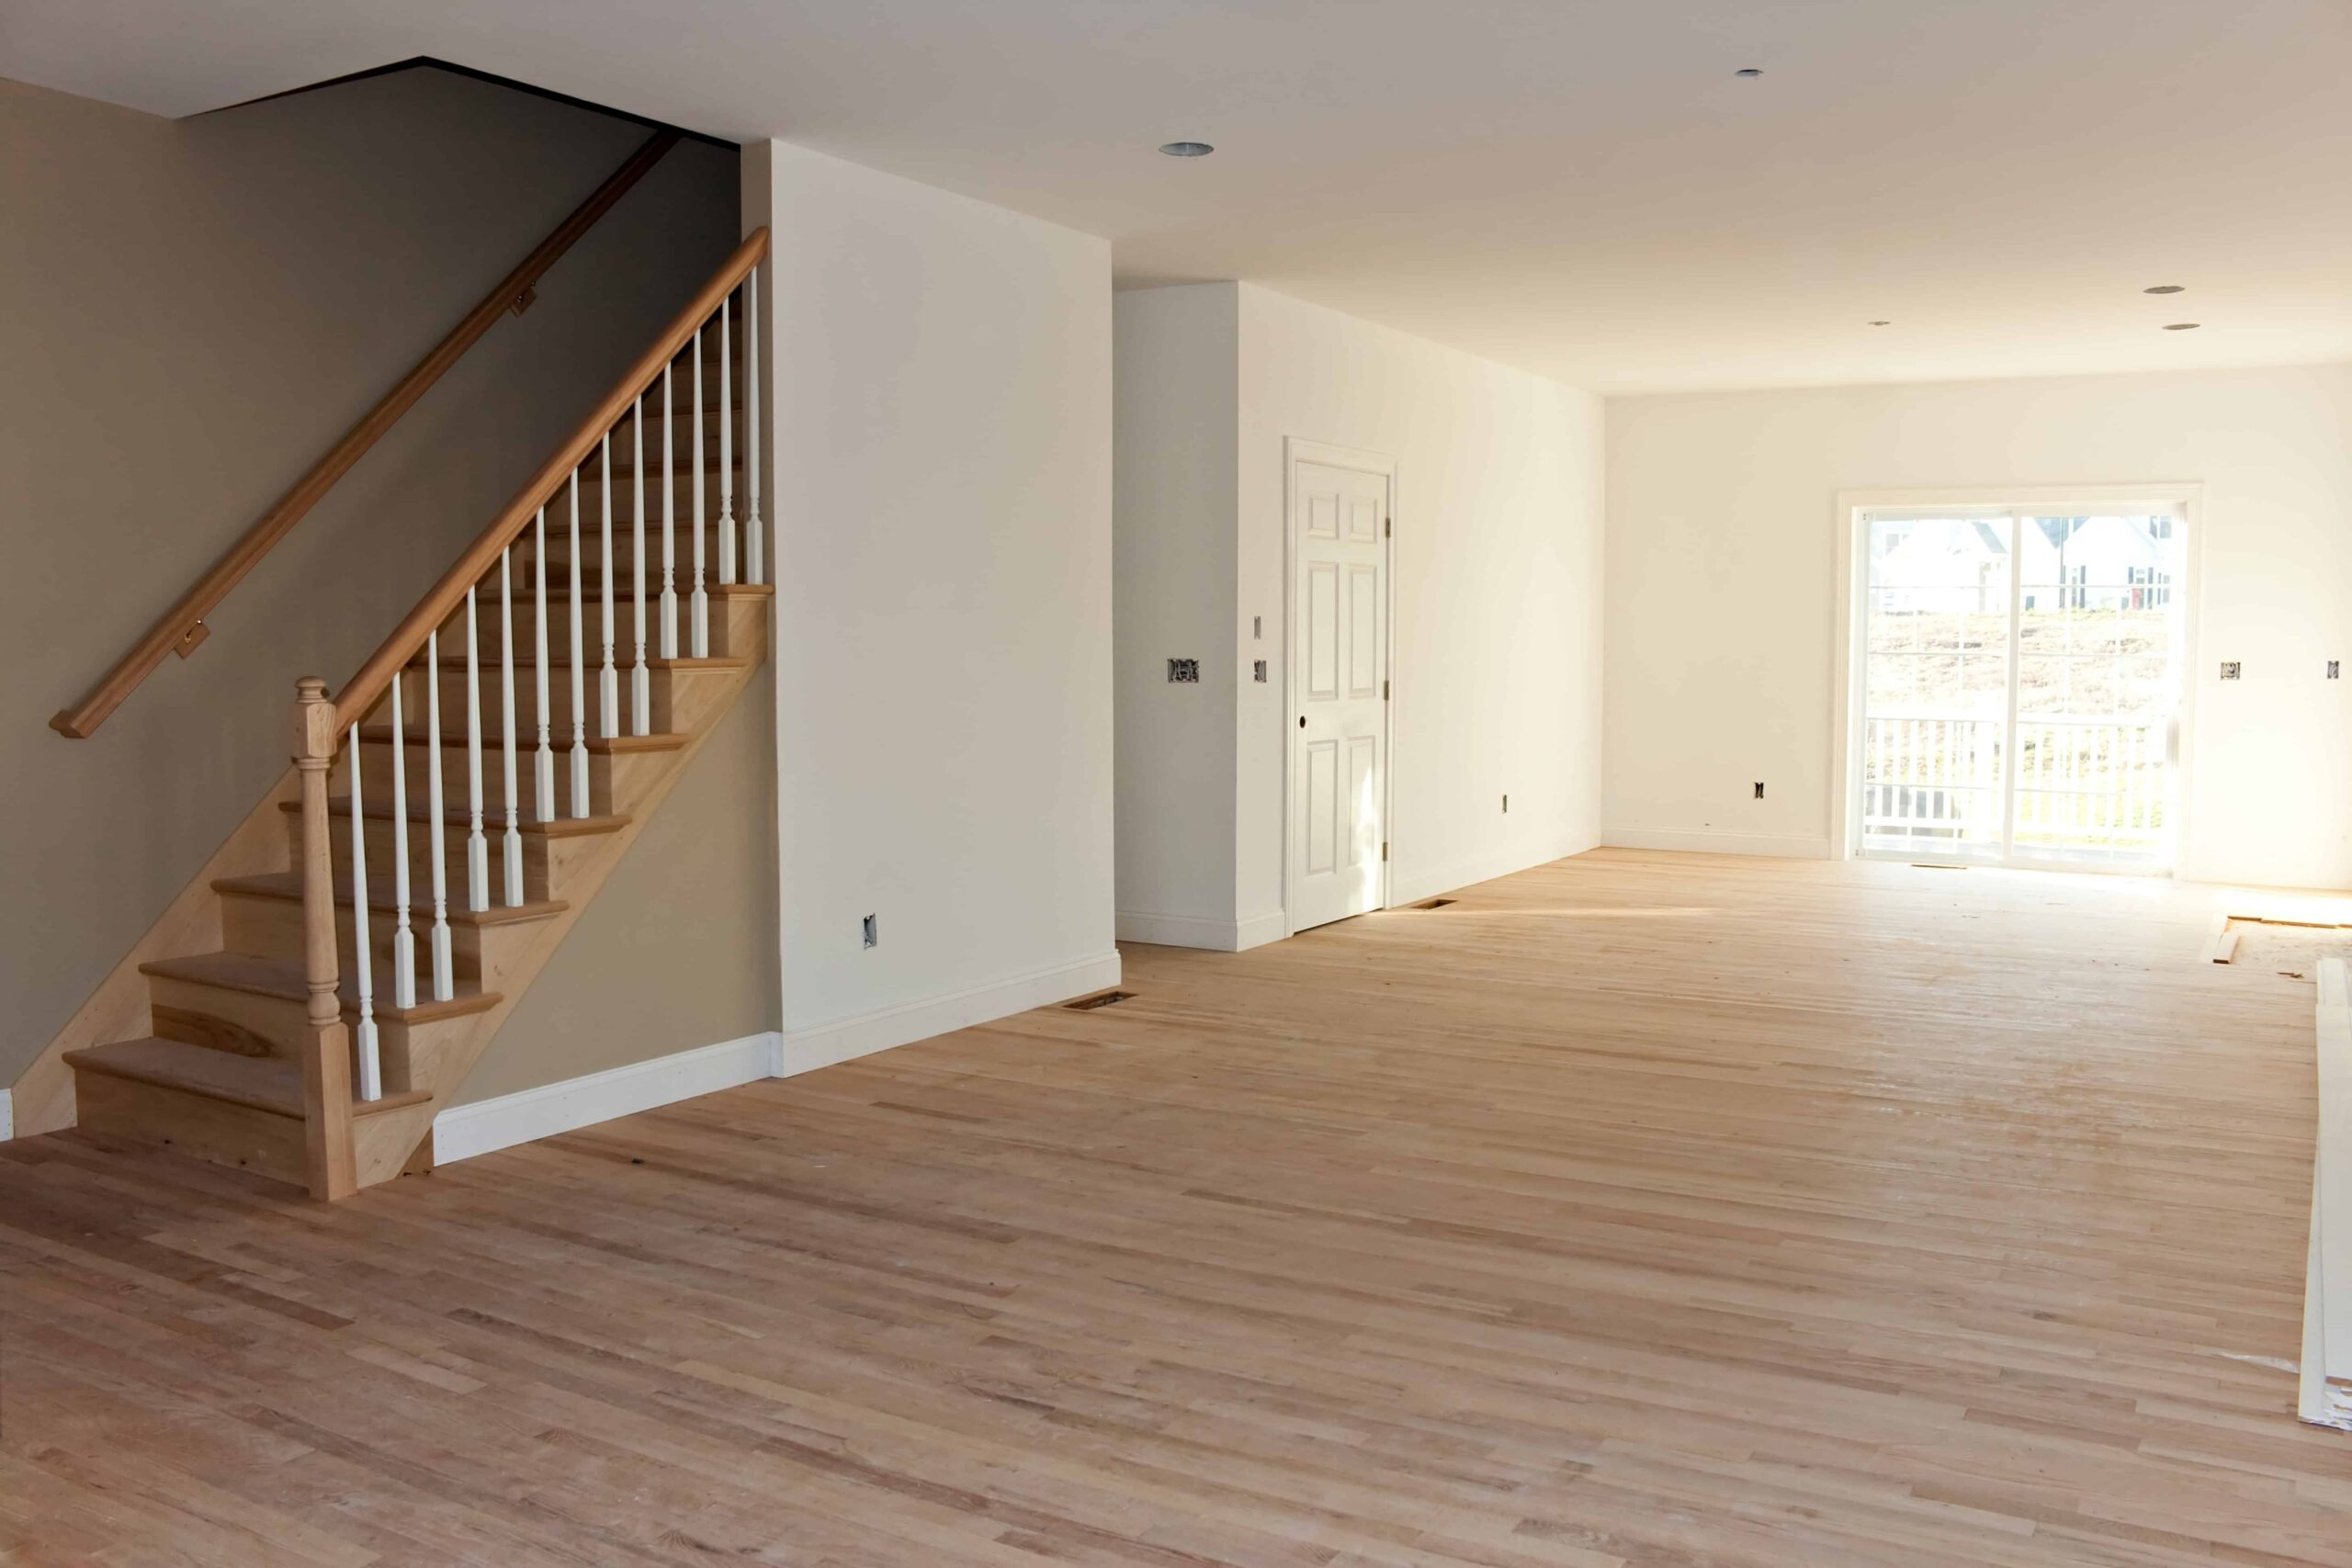 Sàn gỗ tự nhiên chưa hoàn thiện